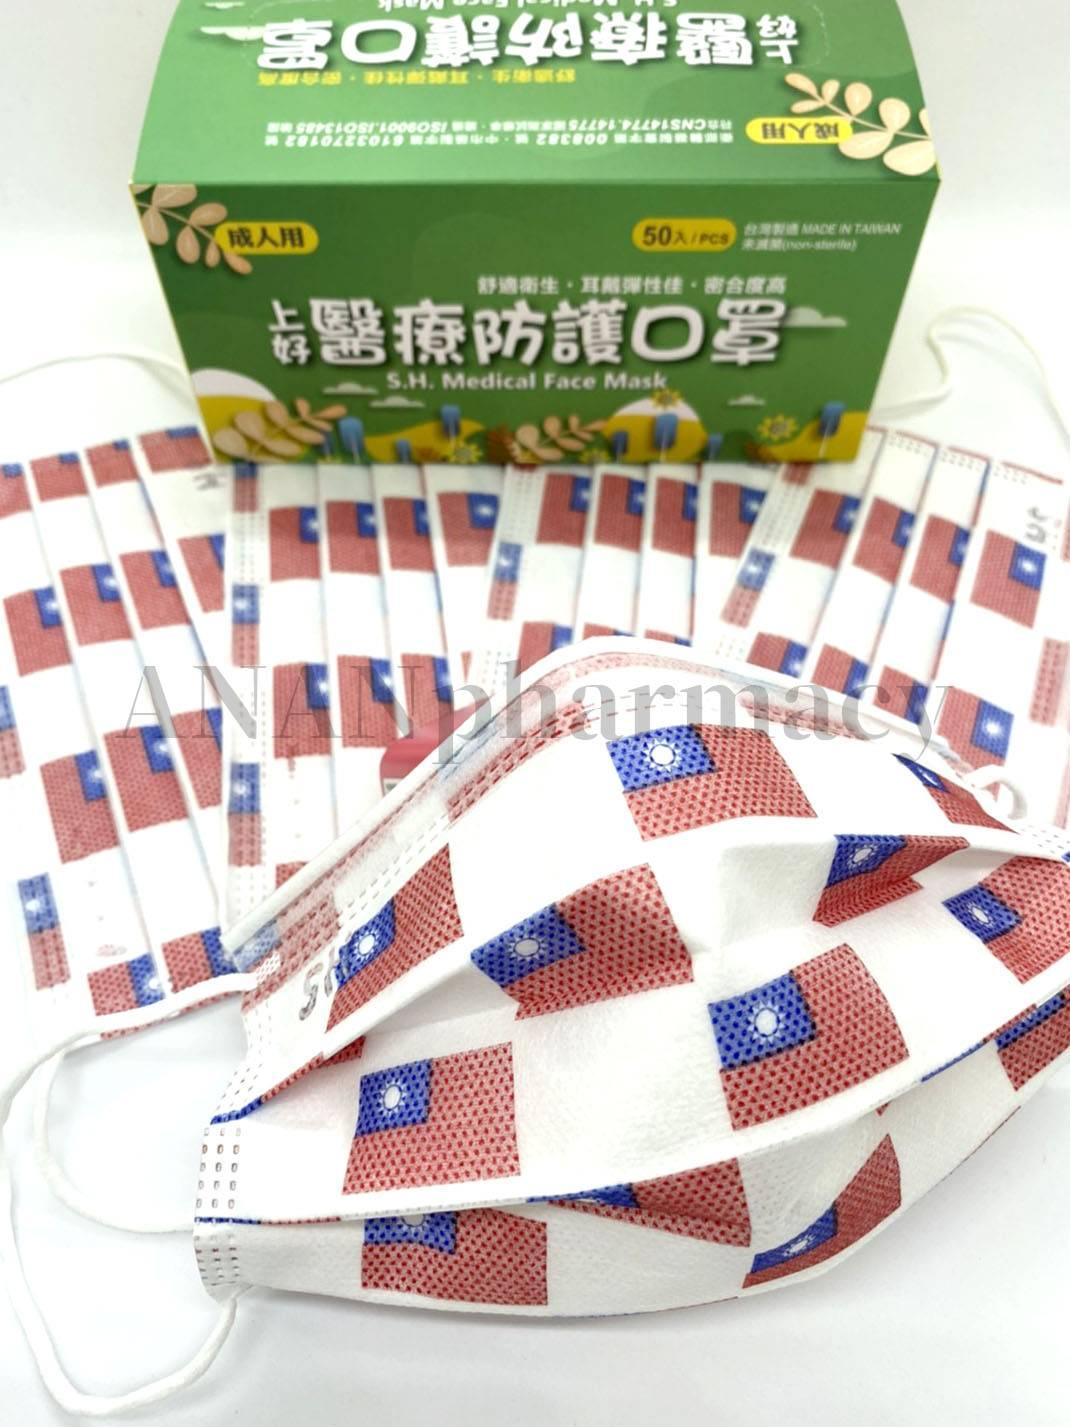 上好生醫 成人醫療口罩 50片/盒 愛台灣口罩 (台灣國旗) 042670